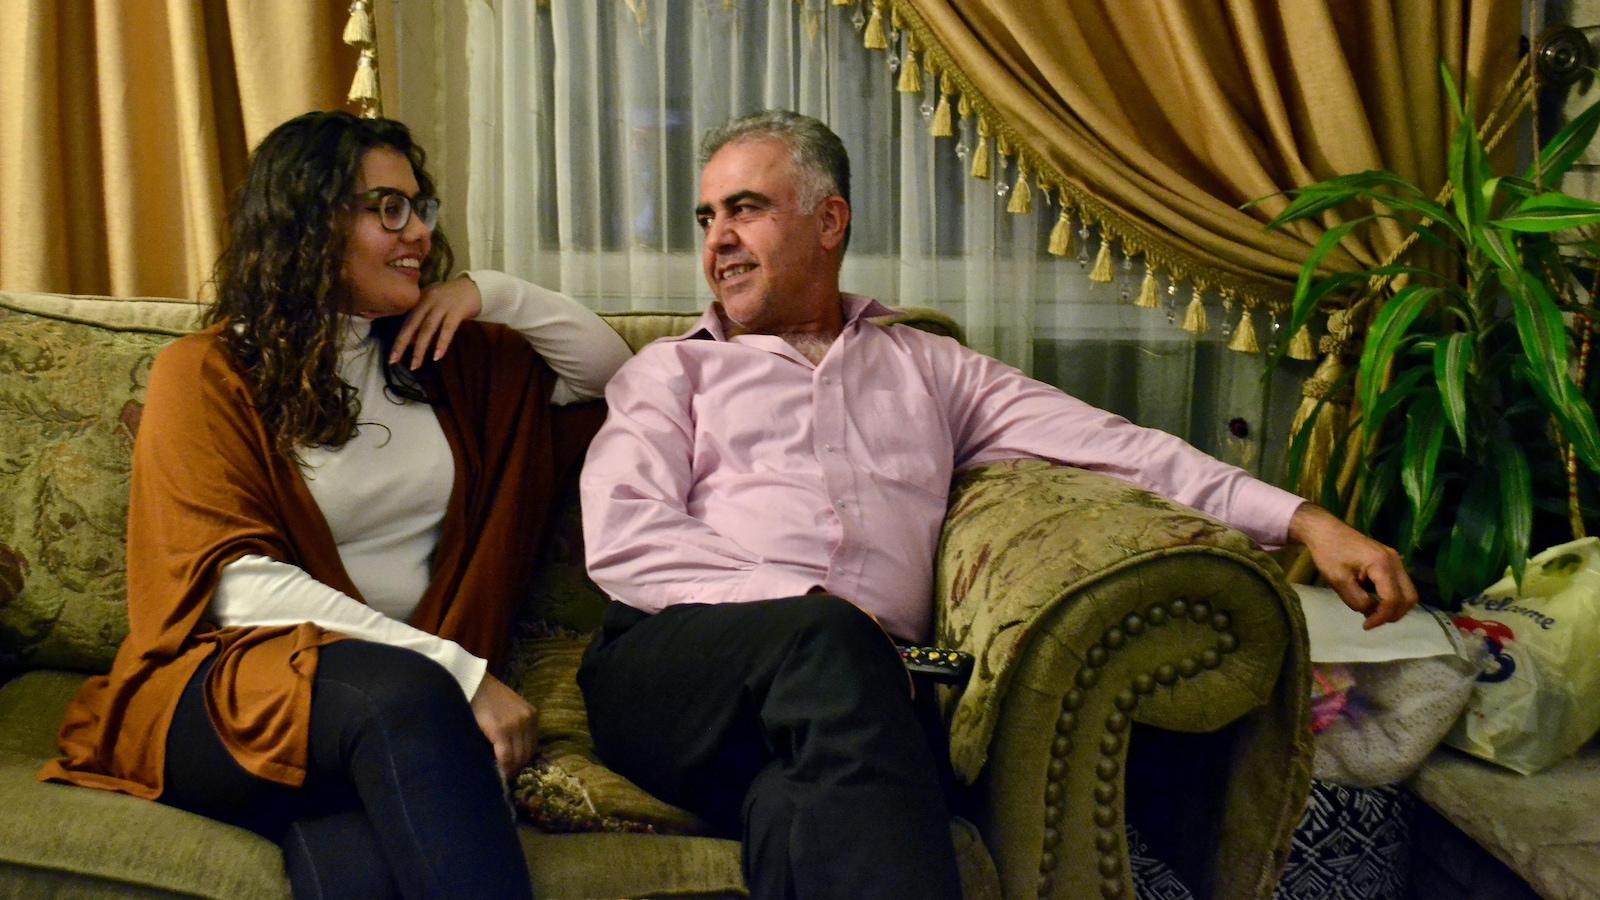 Un père et sa fille assis côte à côte sur un canapé, dans leur salon